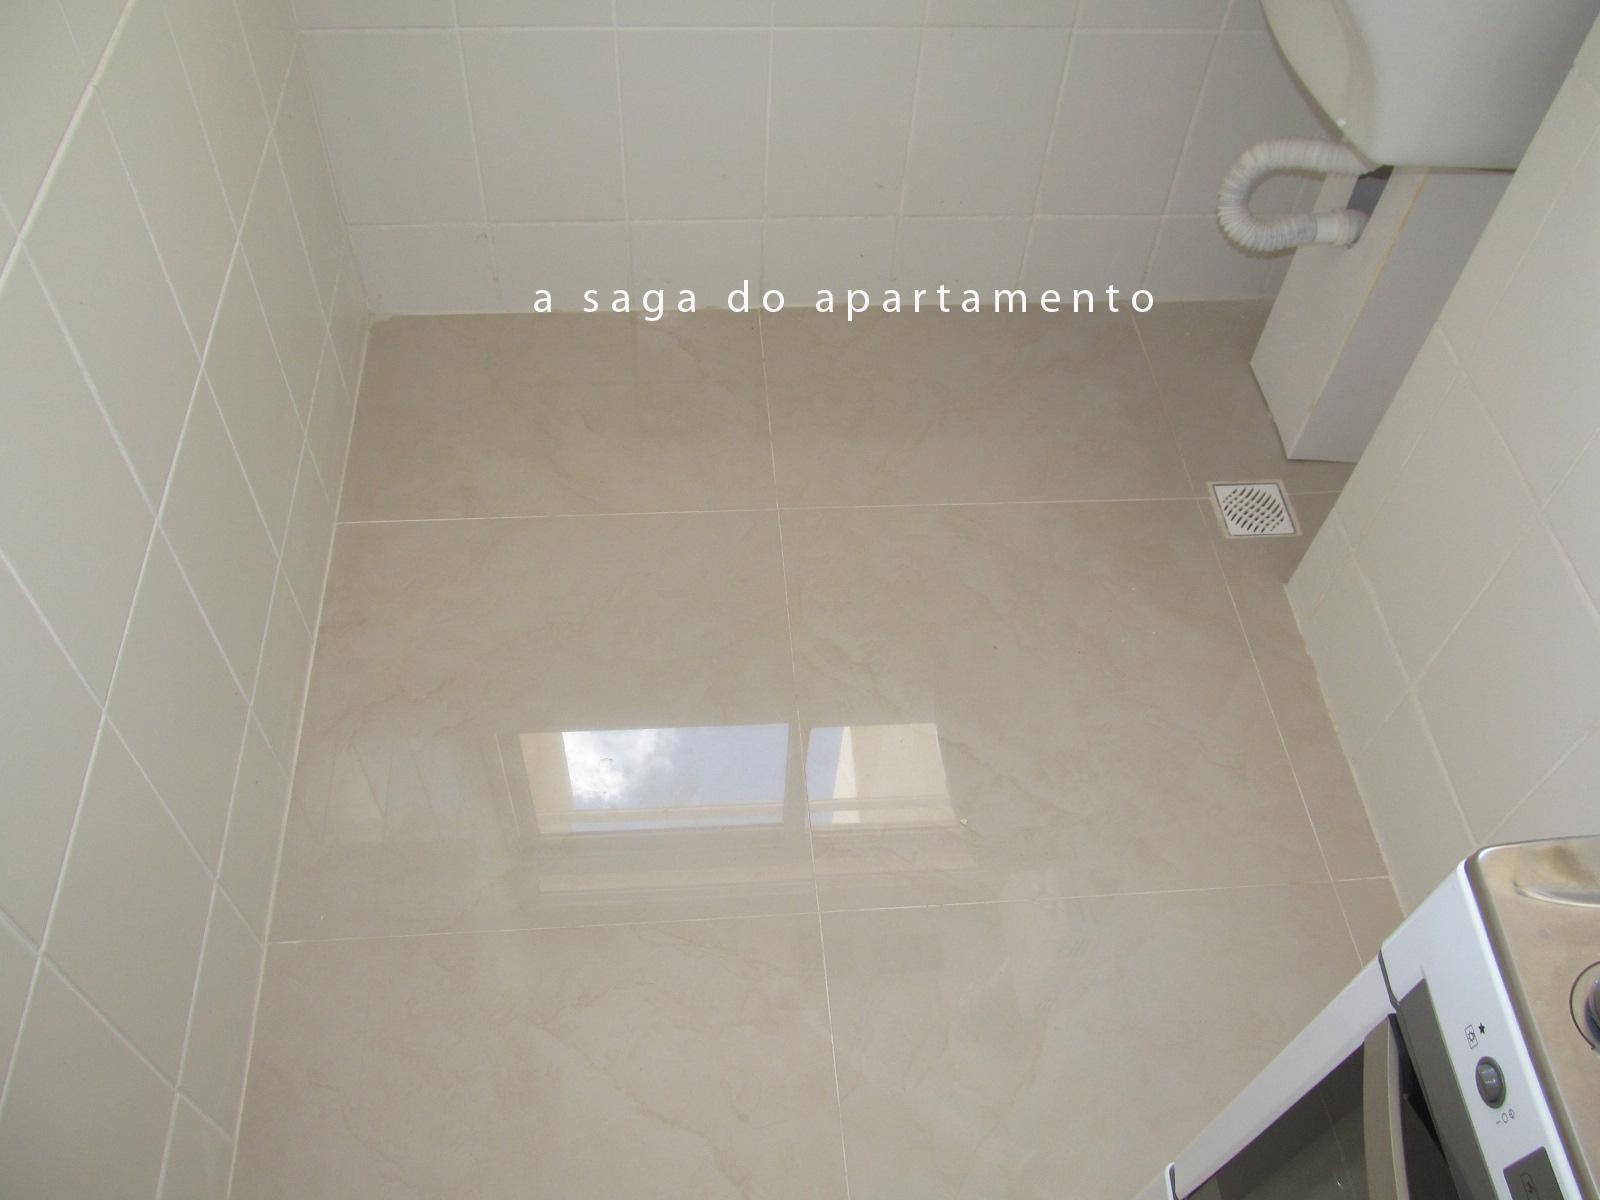 Reavaliando a compra… do apartamento (MDL Realty/ Sinco Engenharia) #5B5873 1600 1200